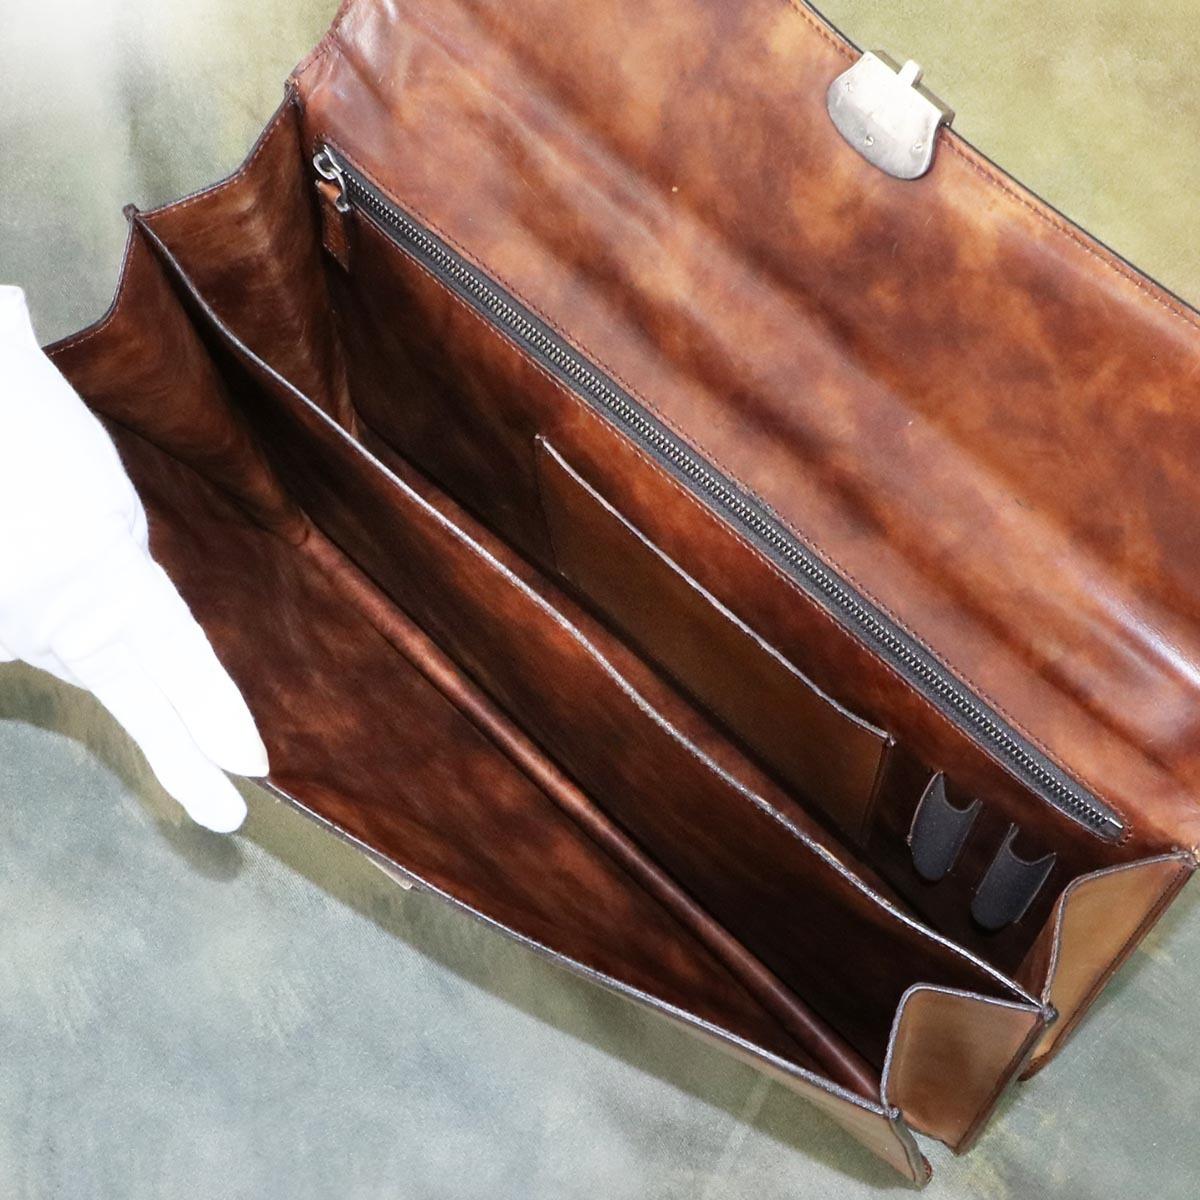 本物 美品 ベルルッティ 絶盤 オルガ期 ヴェネチアスクリットレザー Ecritoire メンズビジネスバッグ A4書類ブリーフケース カリグラフ_画像7